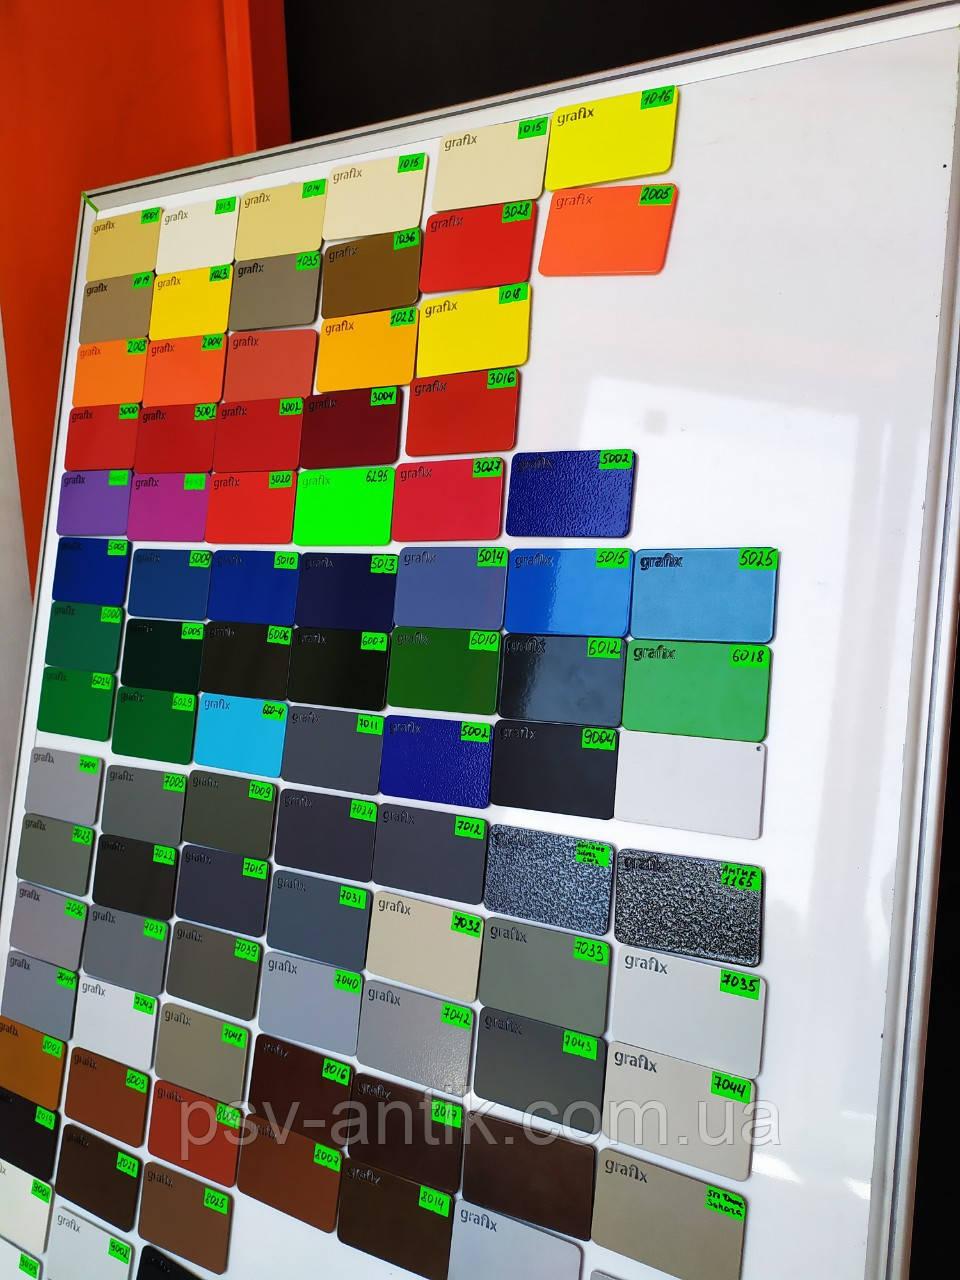 Порошковая краска матовая, полиэфирная, архитектурная, 6013